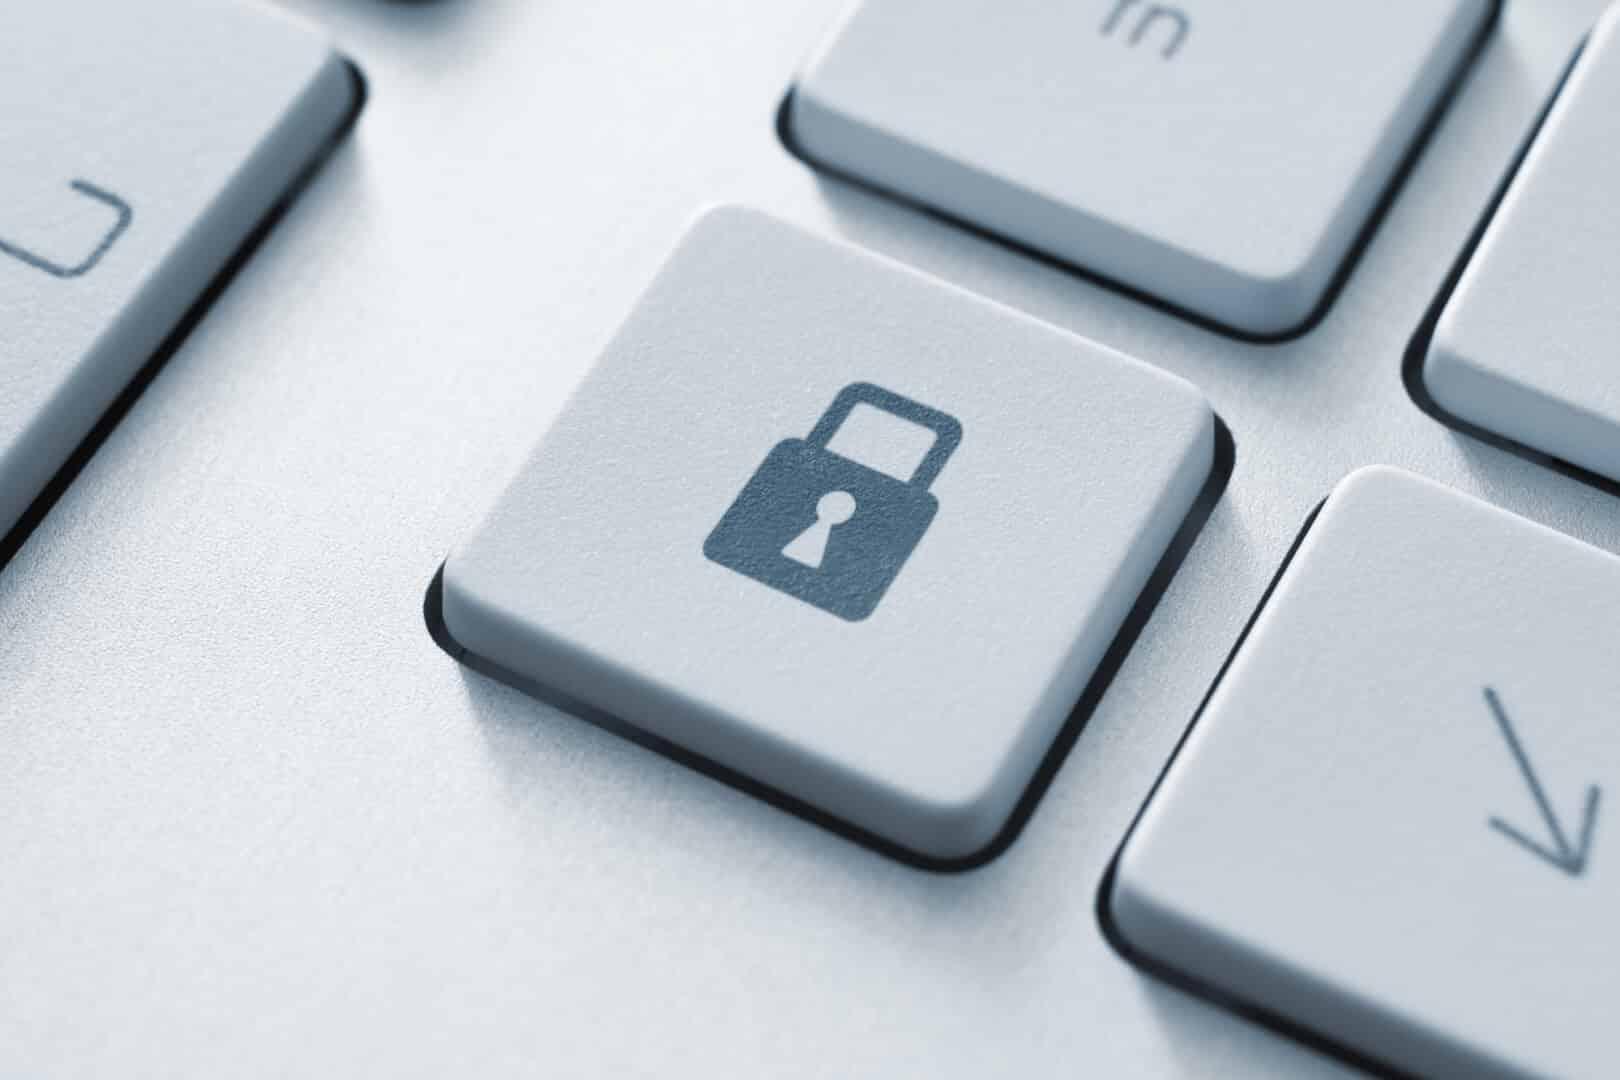 Segurança de dados: motivos para emitir notas fiscais eletrônicas com tranquilidade